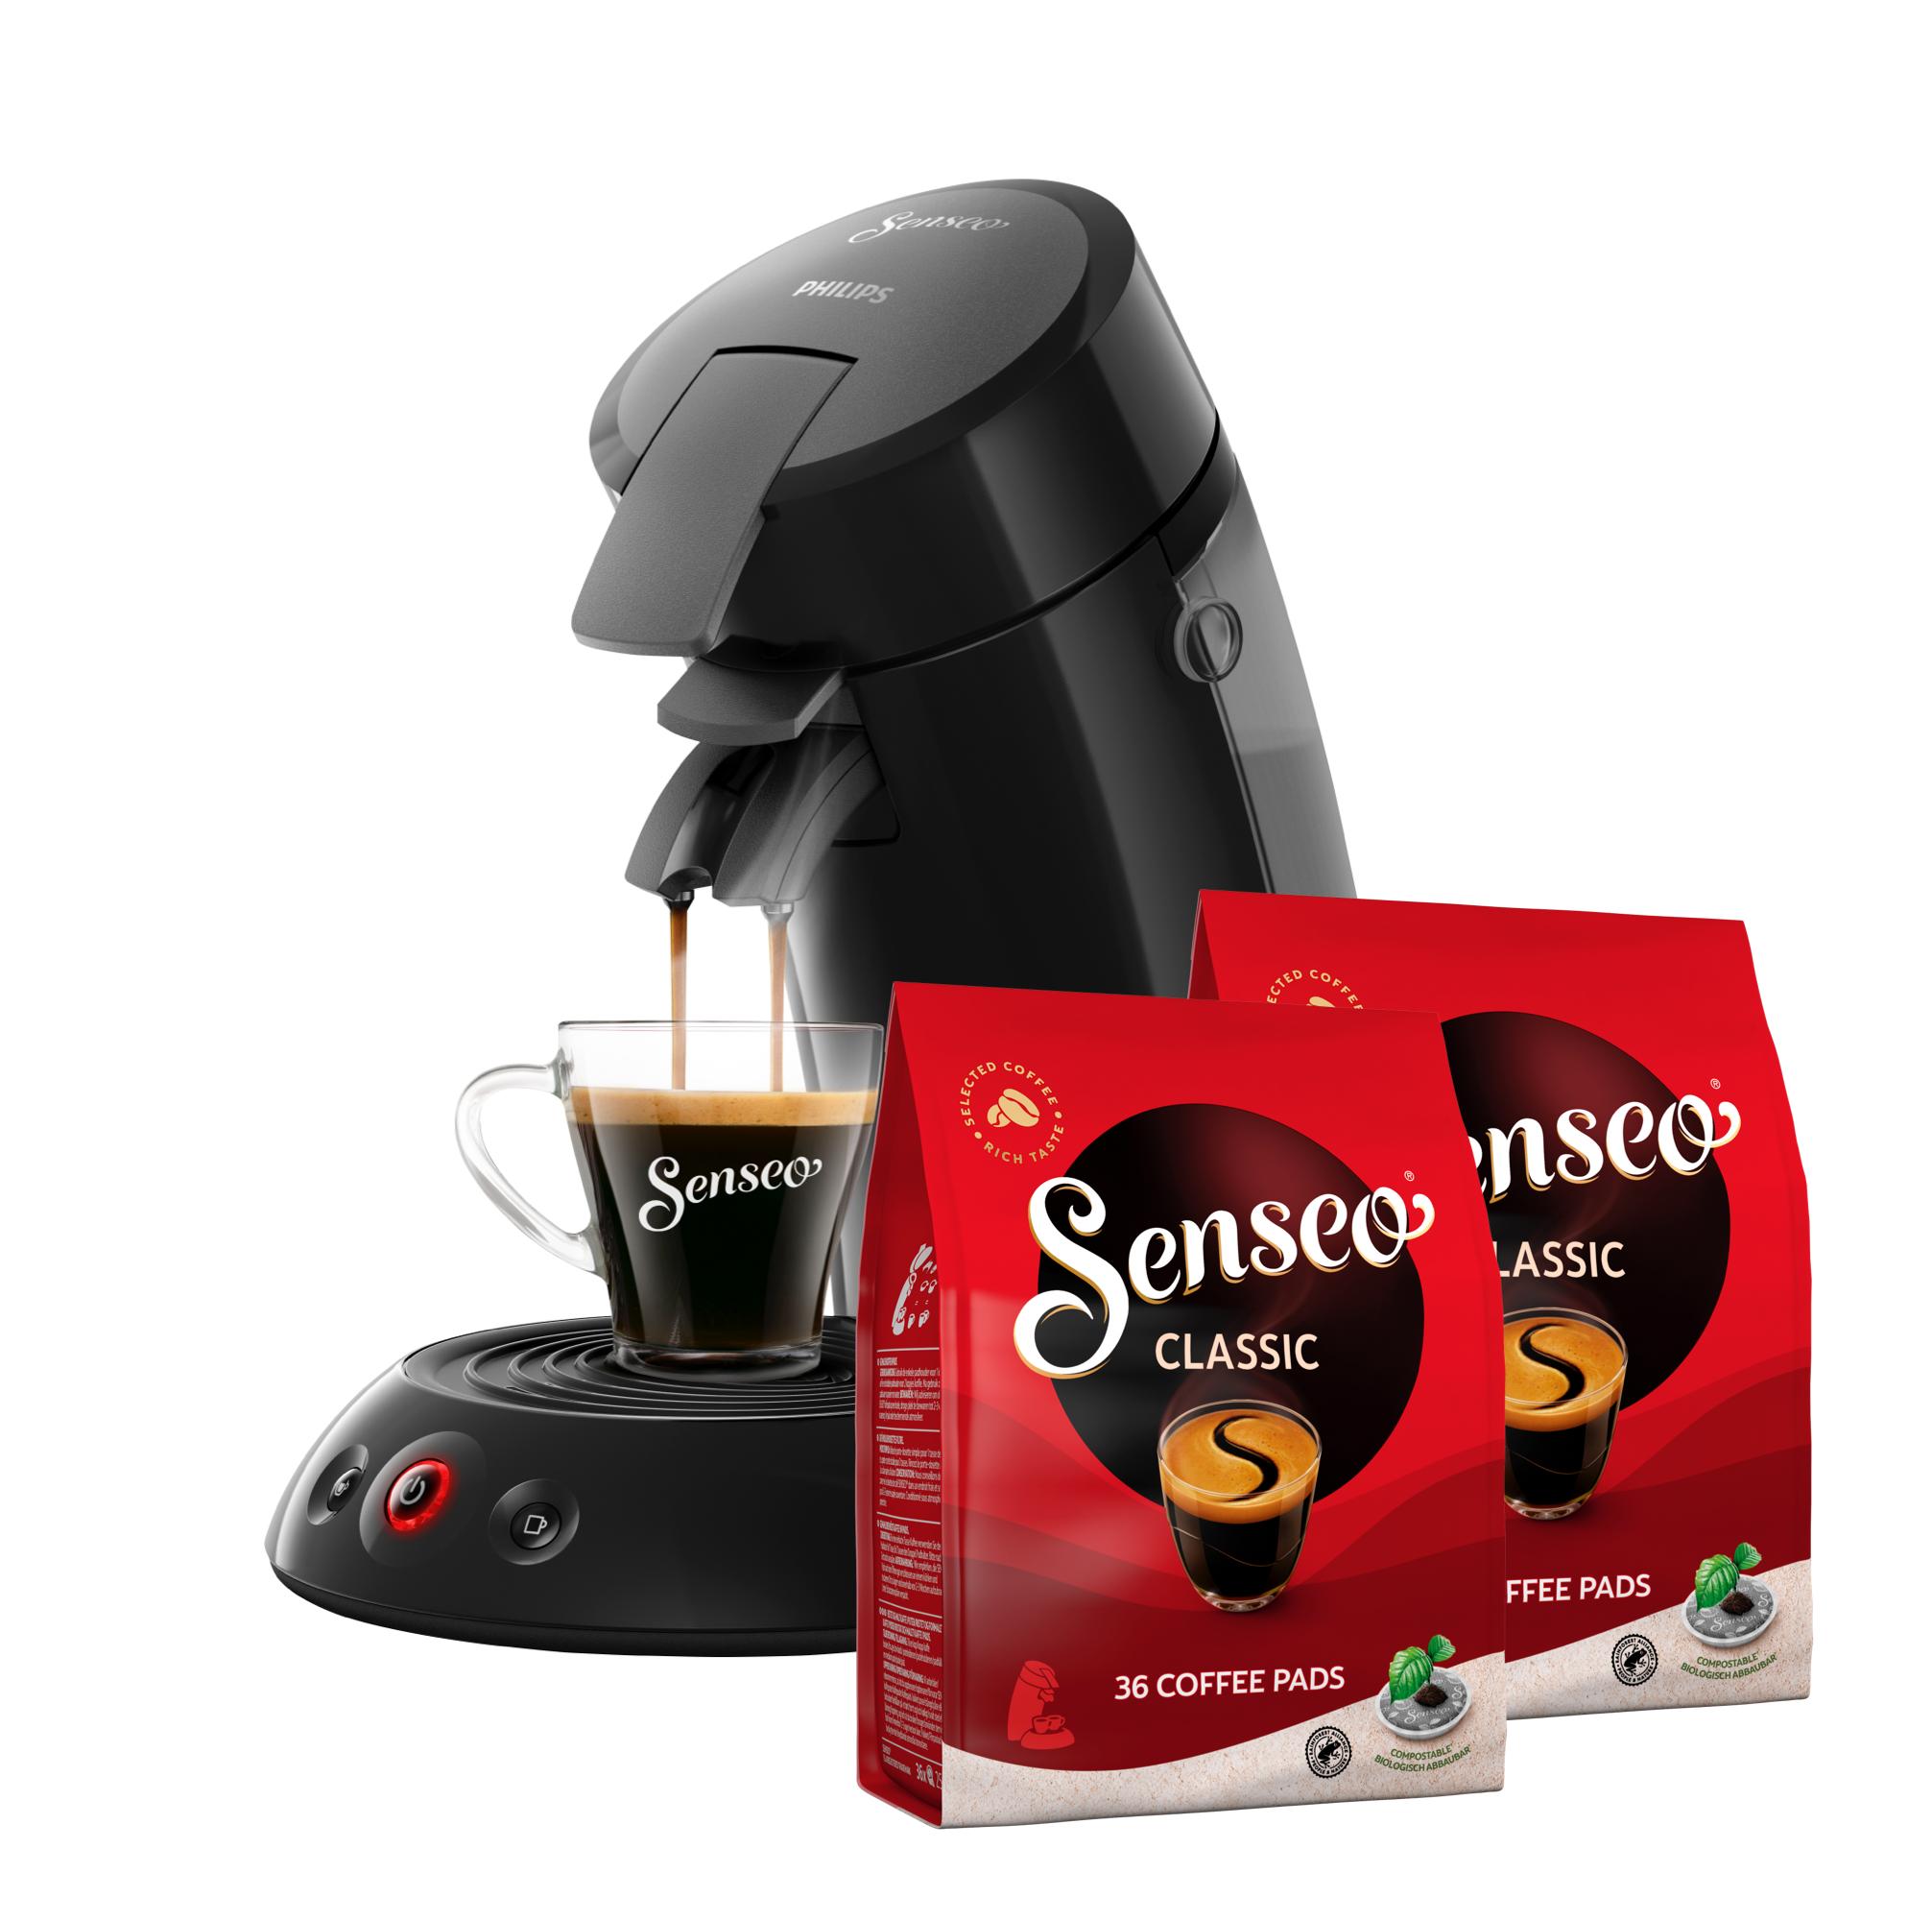 Senseo - Original Startkit